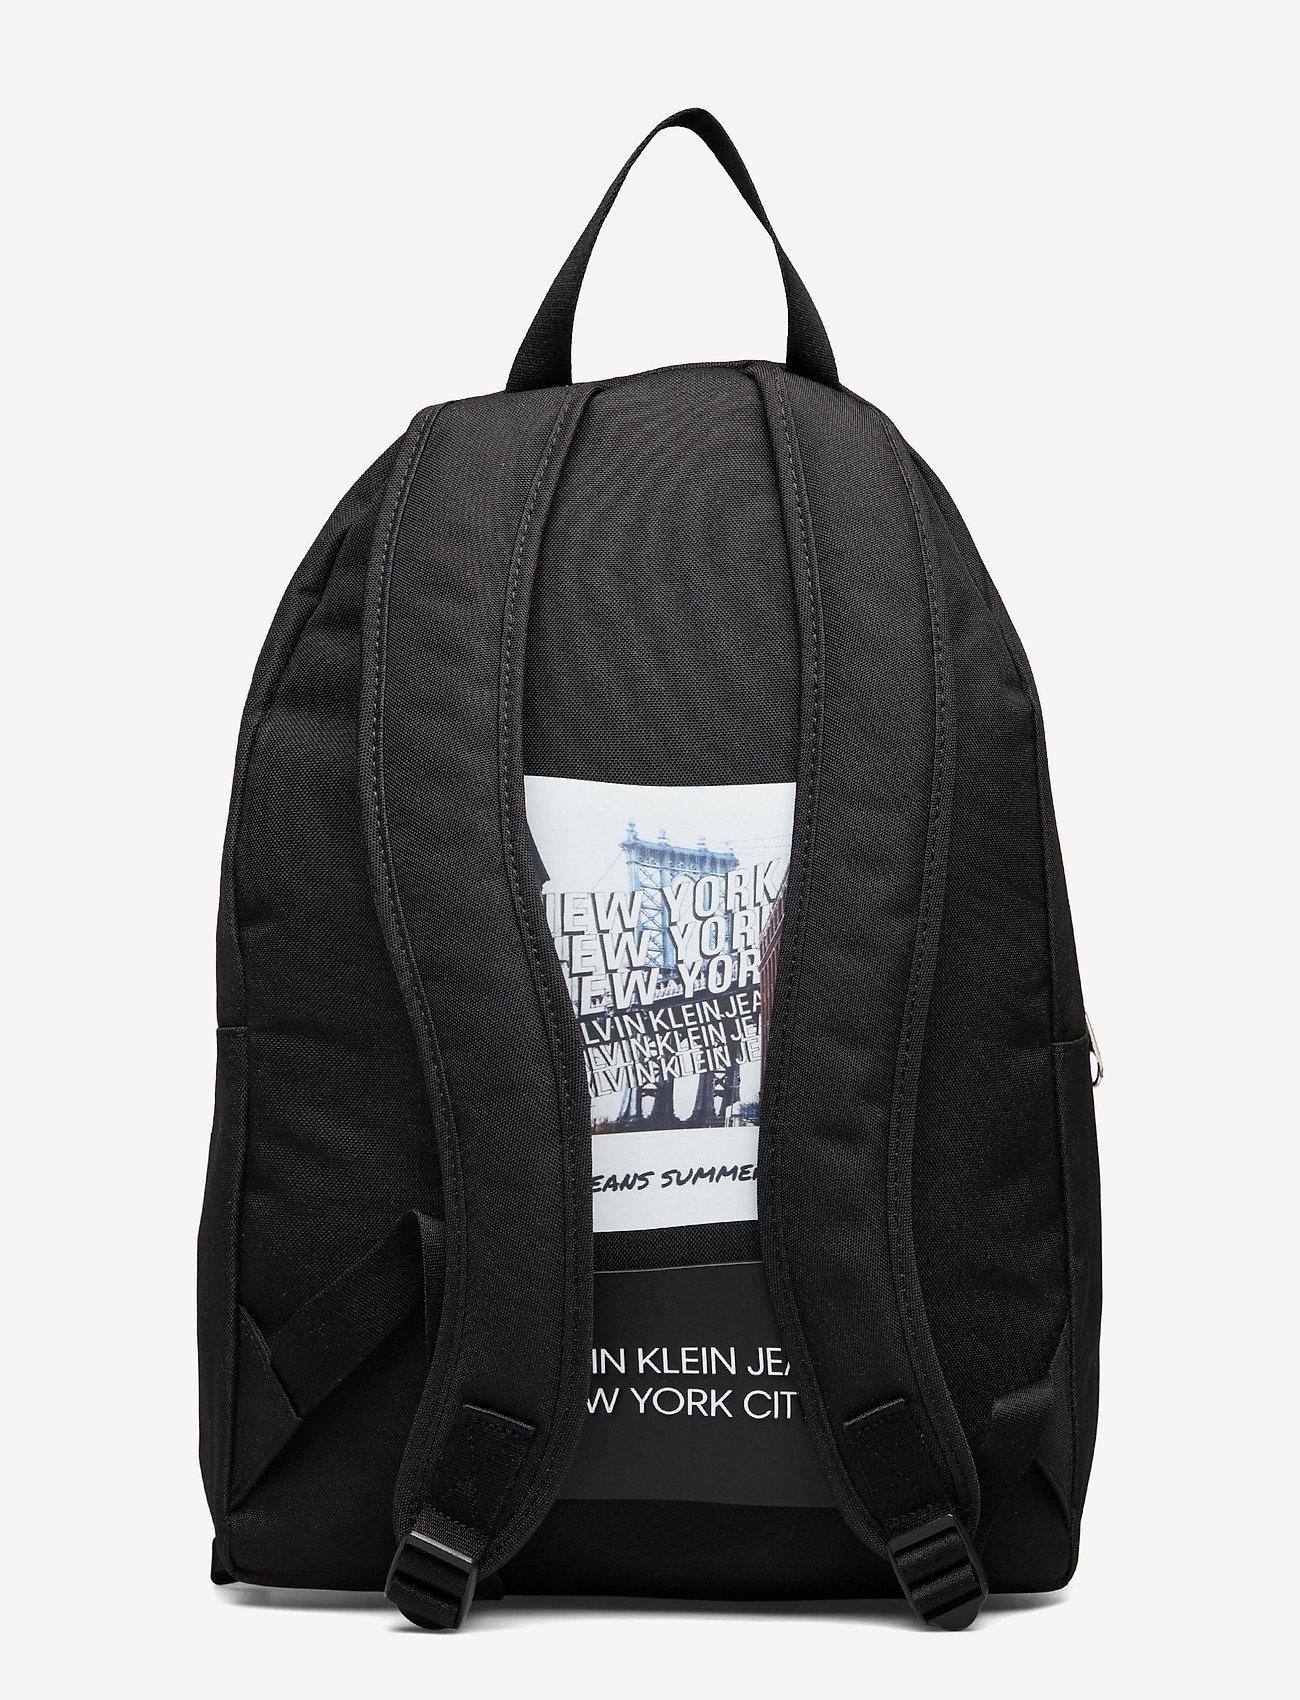 Calvin Klein Campus Bp45 - Bags